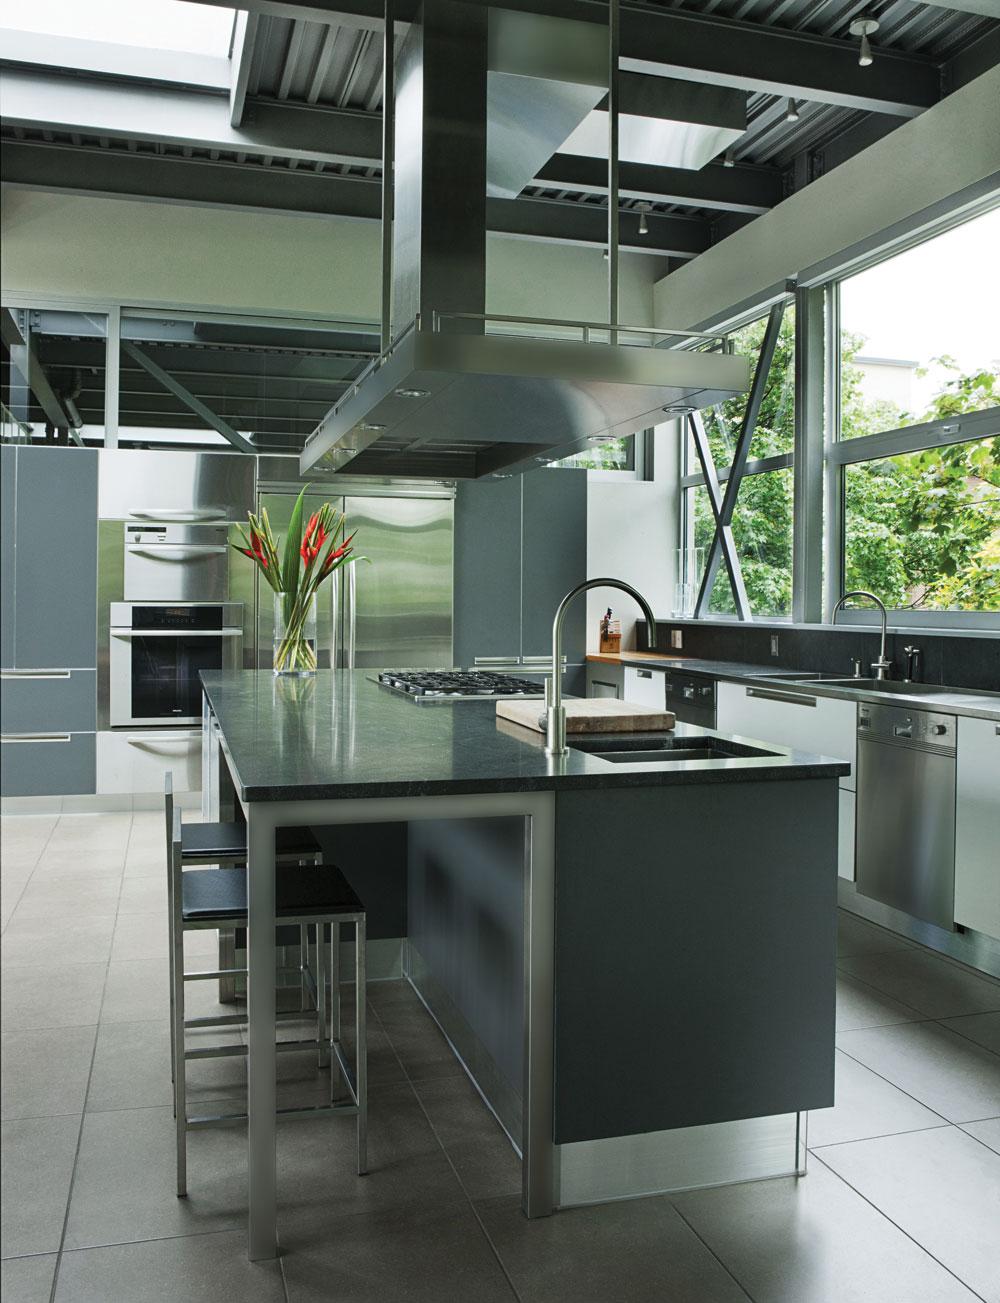 La cuisine, de fabrication italienne (Cuisilab), est un mélange de teintes de gris, d'inox (électroménagers de JC Perreault) et de granit, avec une hotte sculpturale faite sur mesure.